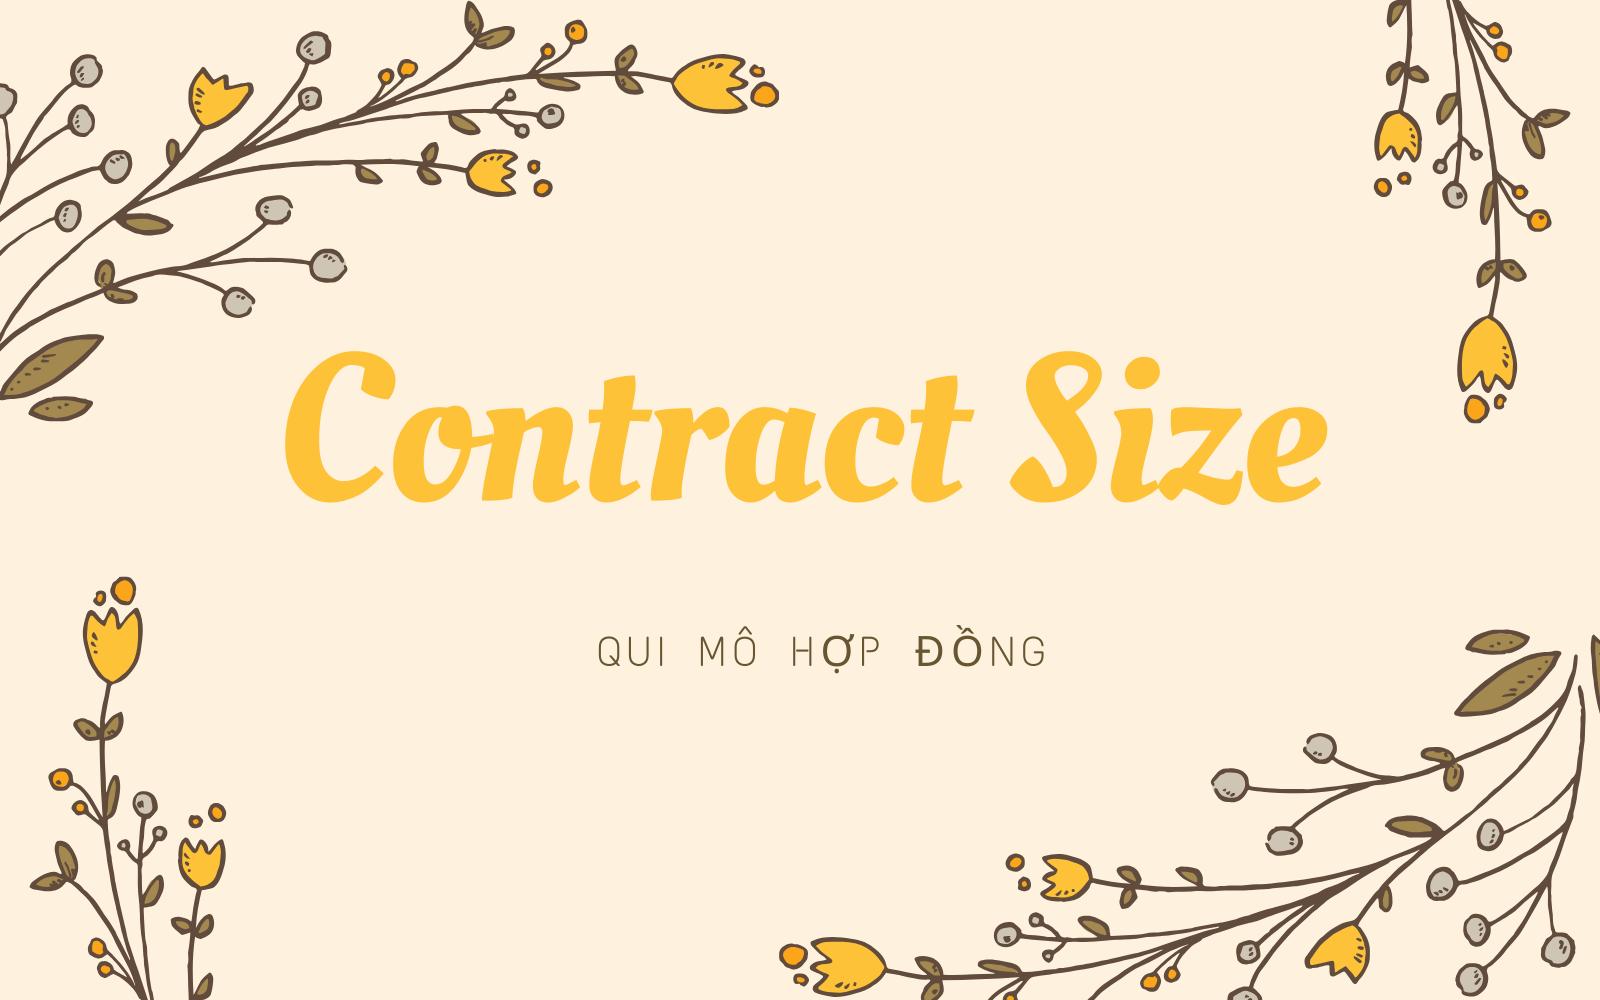 Qui mô hợp đồng (Contract Size) là gì? Hiểu về qui mô hợp đồng - Ảnh 1.